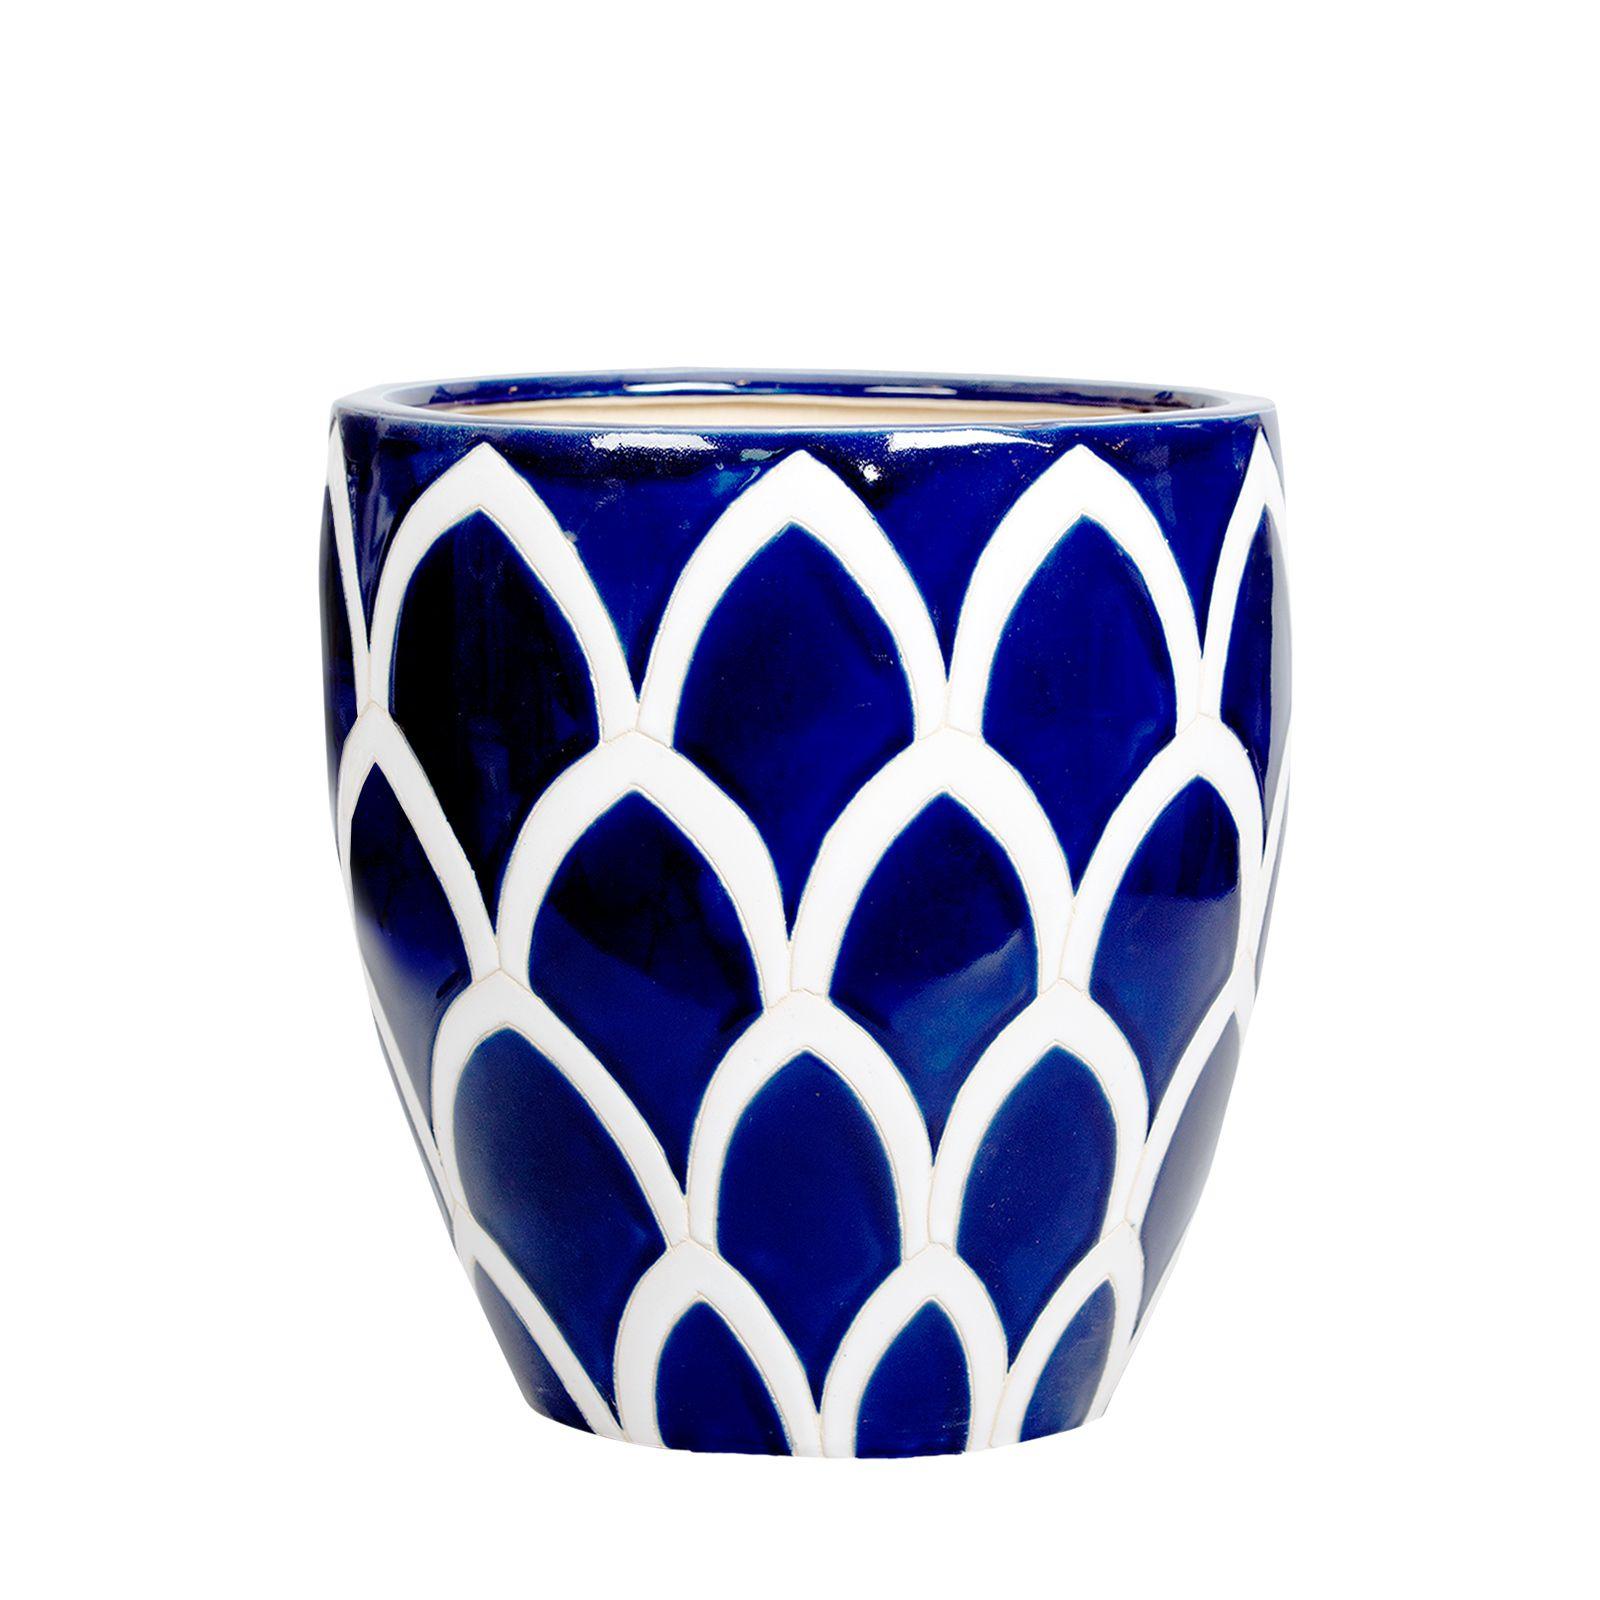 Doniczka Ceramiczna Sharc Blue In The Middle Doniczki